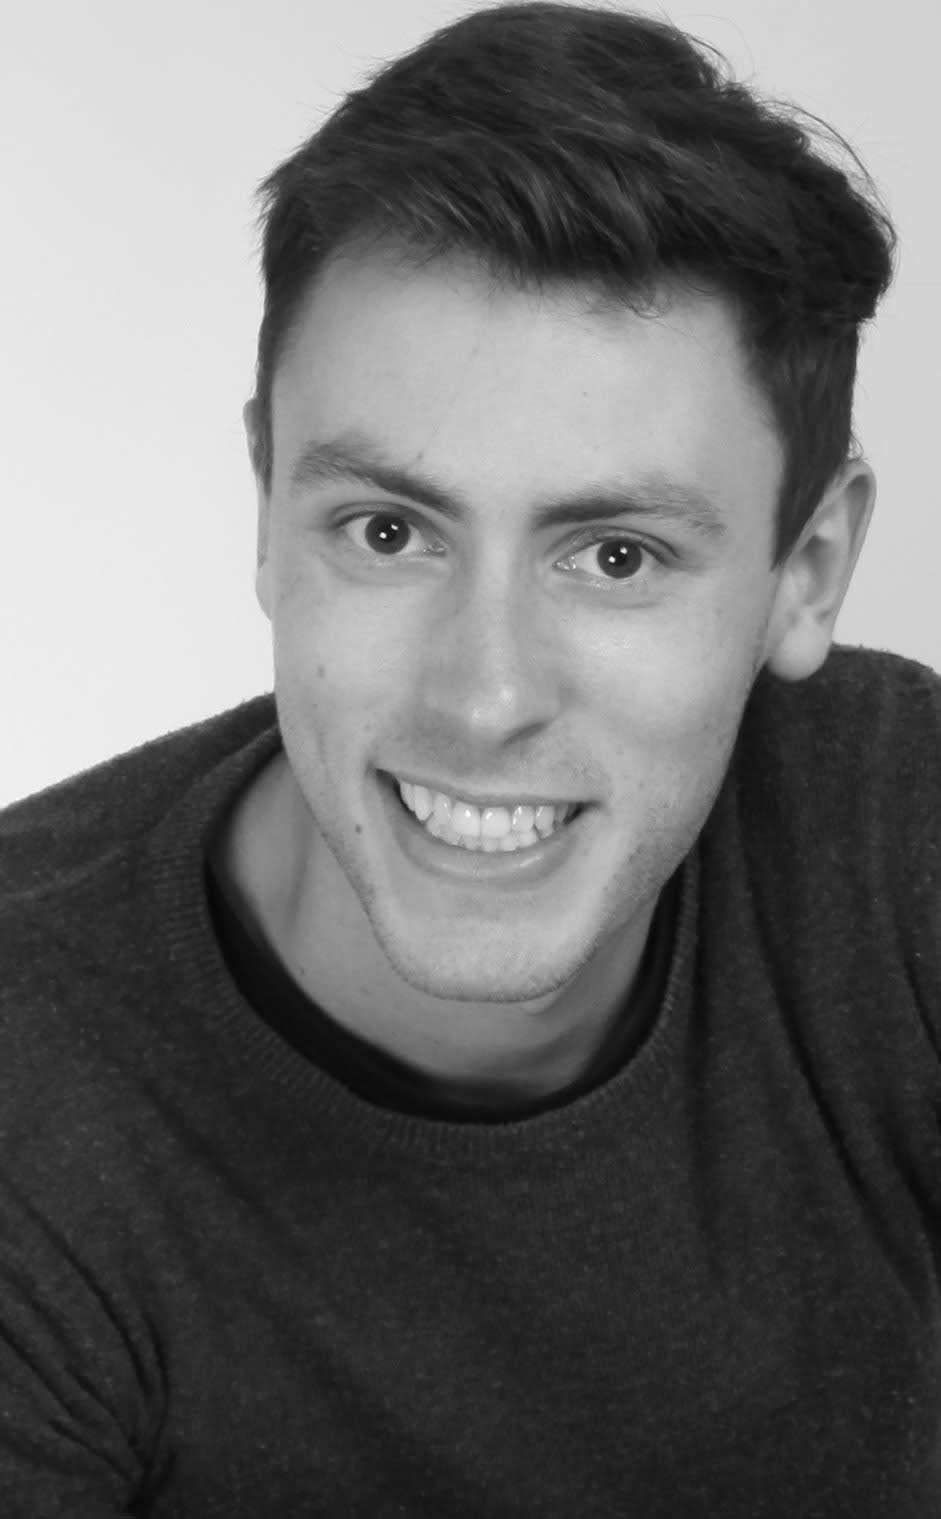 Jacob Parker